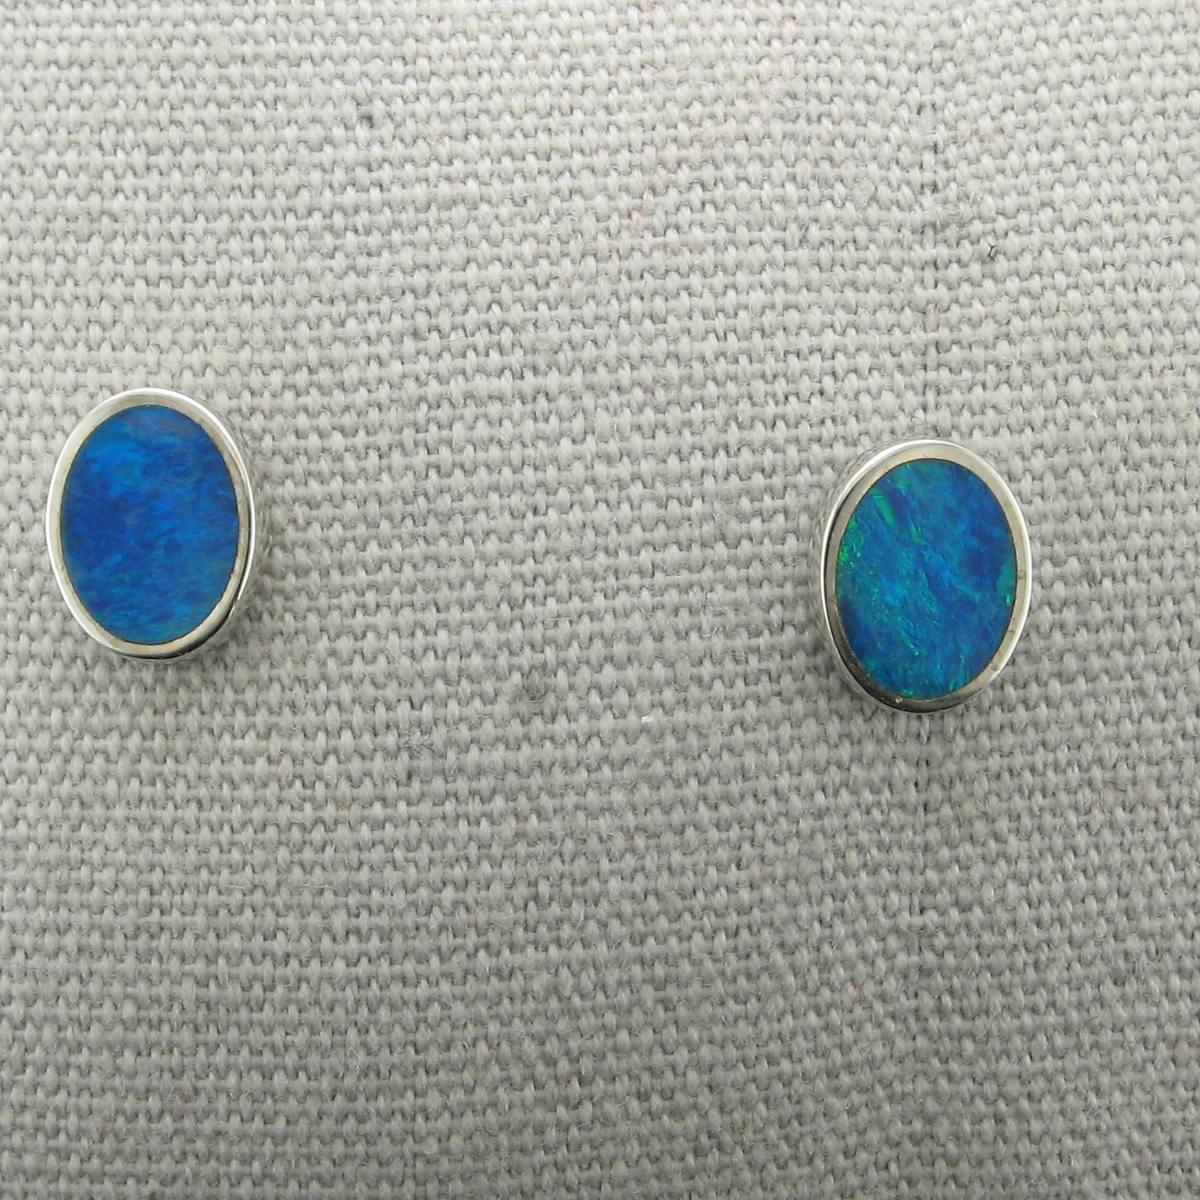 Oval Opal Earrings set in Sterling Silver